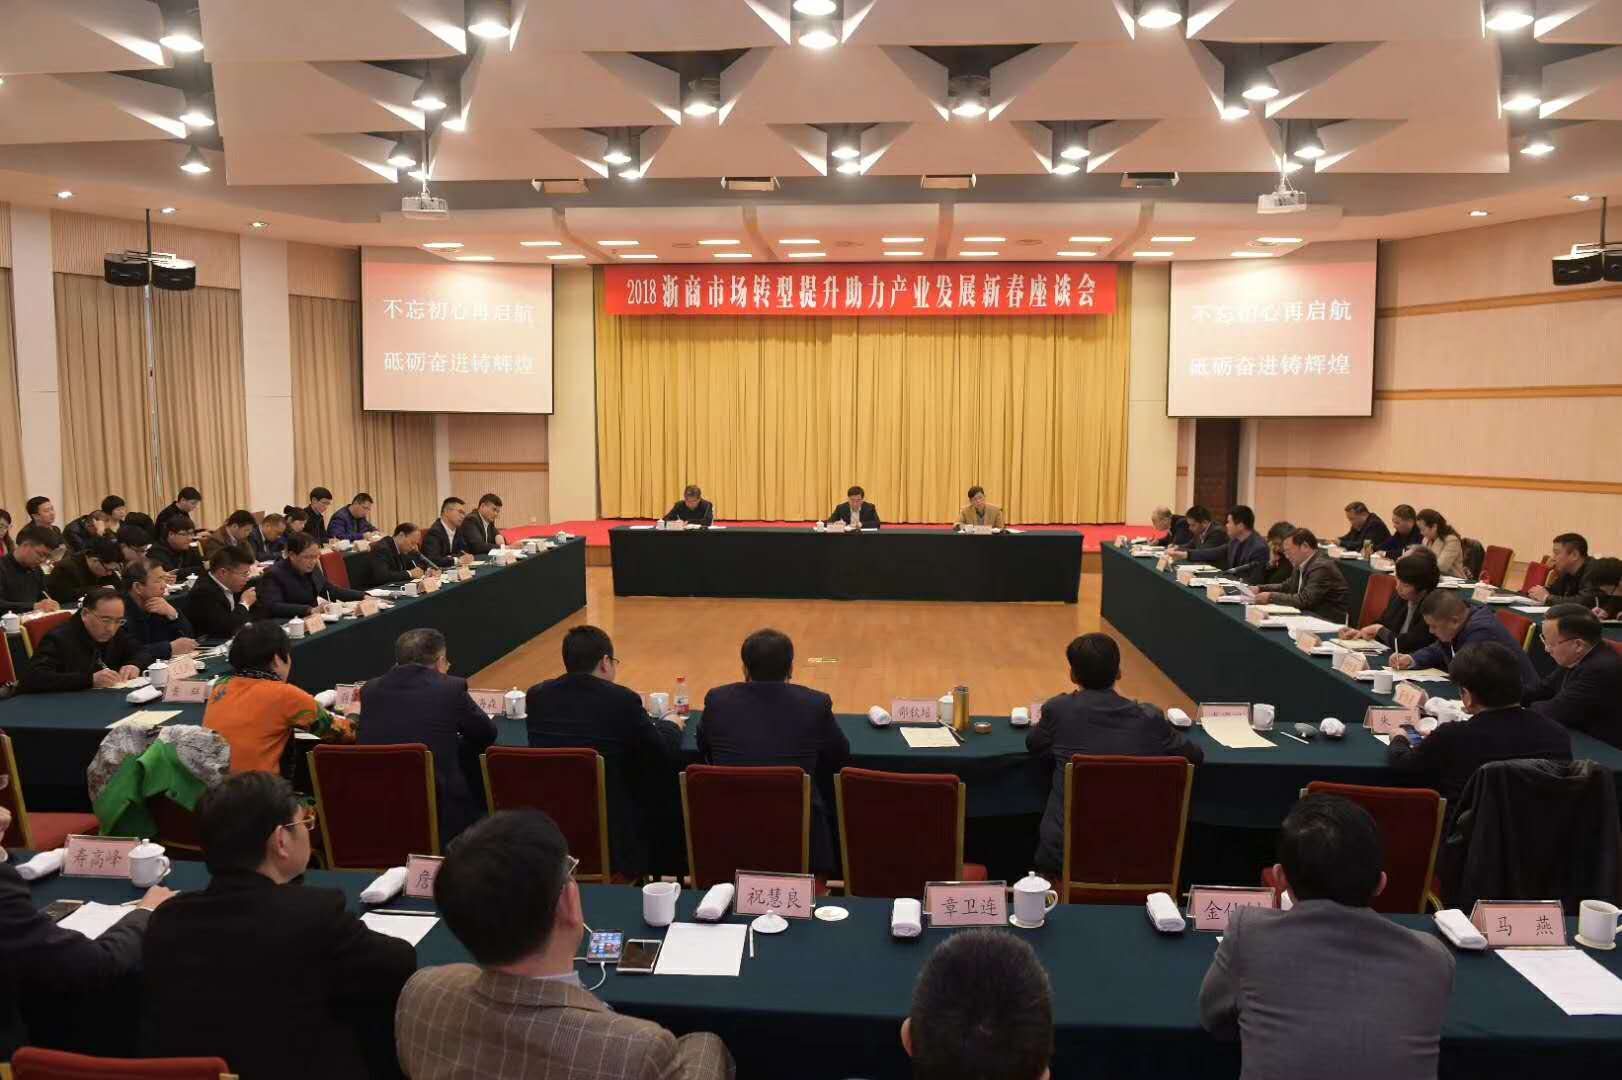 易销董事长受邀参加2018浙商市场转型提升助力产业发展新春座谈会